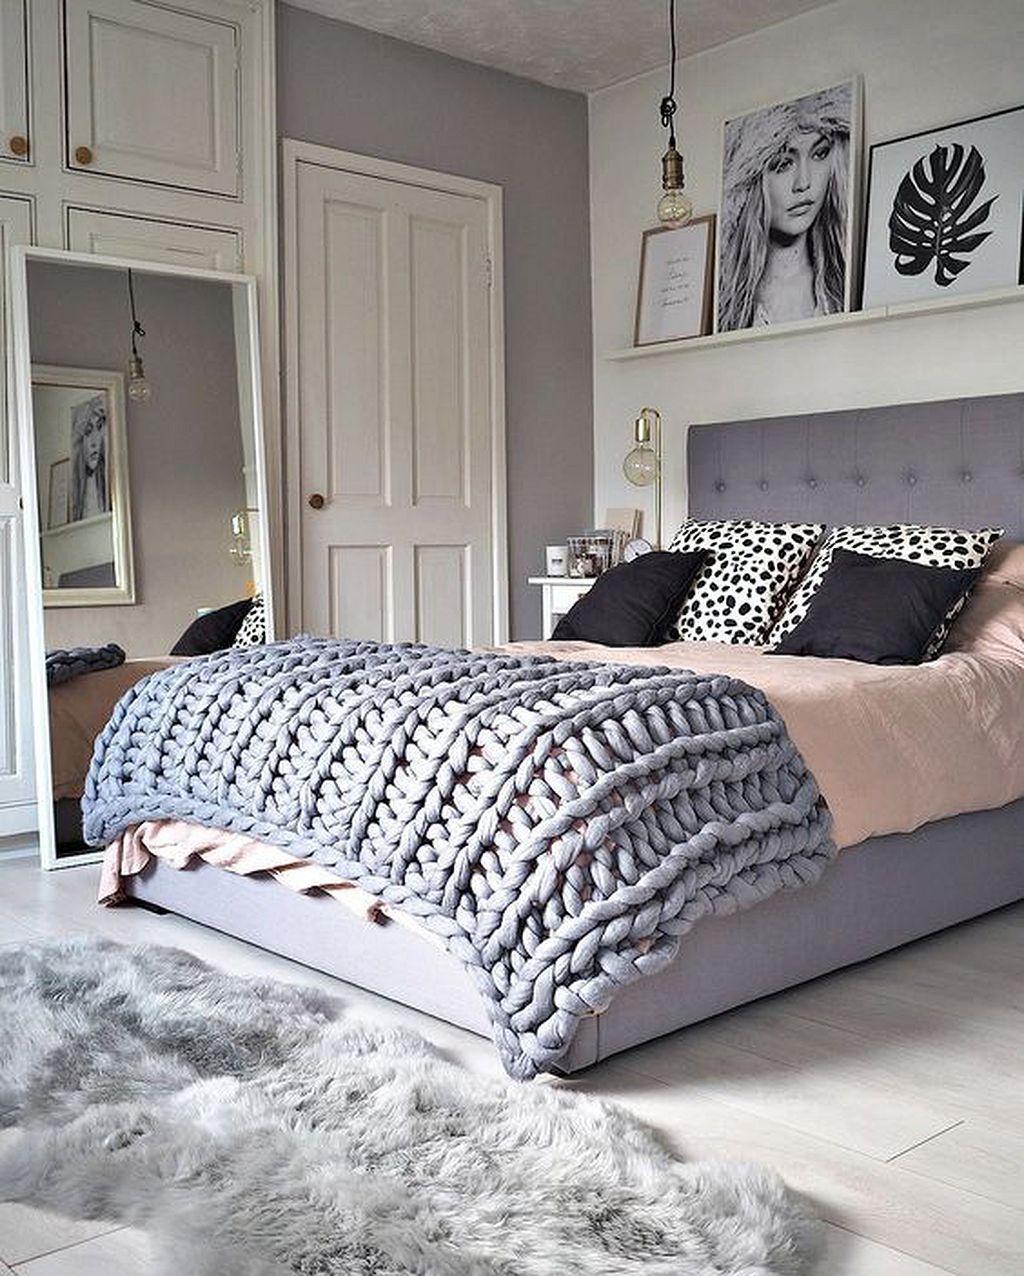 Romantisches schlafzimmer interieur stunning  teen girl bedroom design ideas  schlafzimmer dekooos